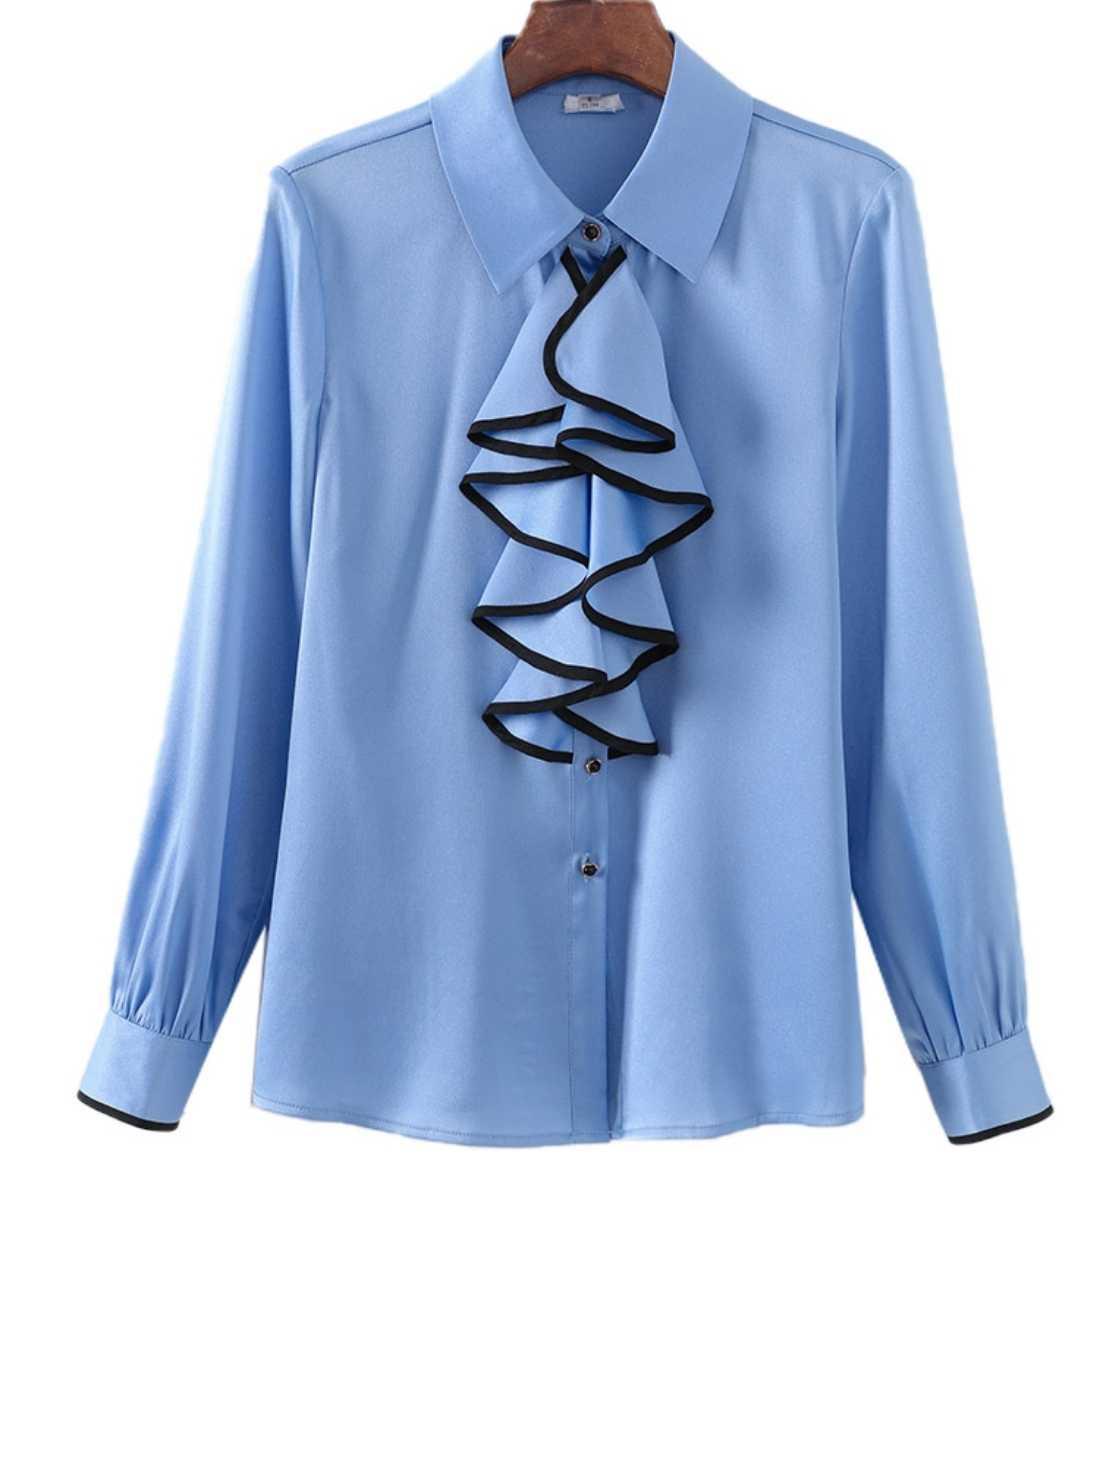 Women's Plain Long Sleeve Blouses